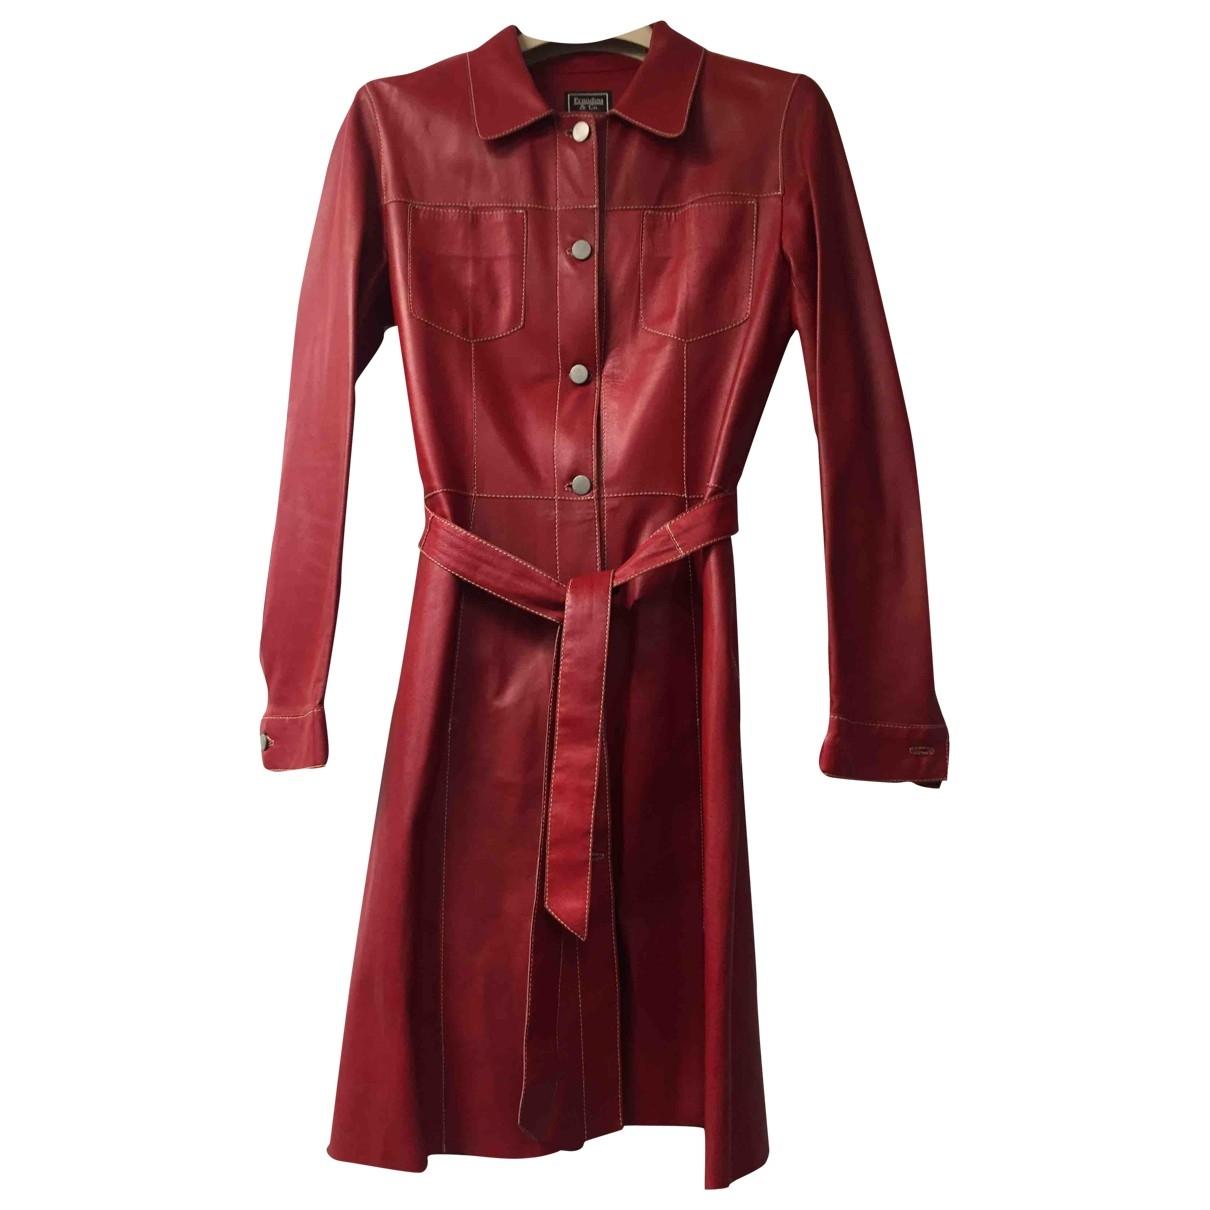 Prandina - Manteau   pour femme en cuir - rouge